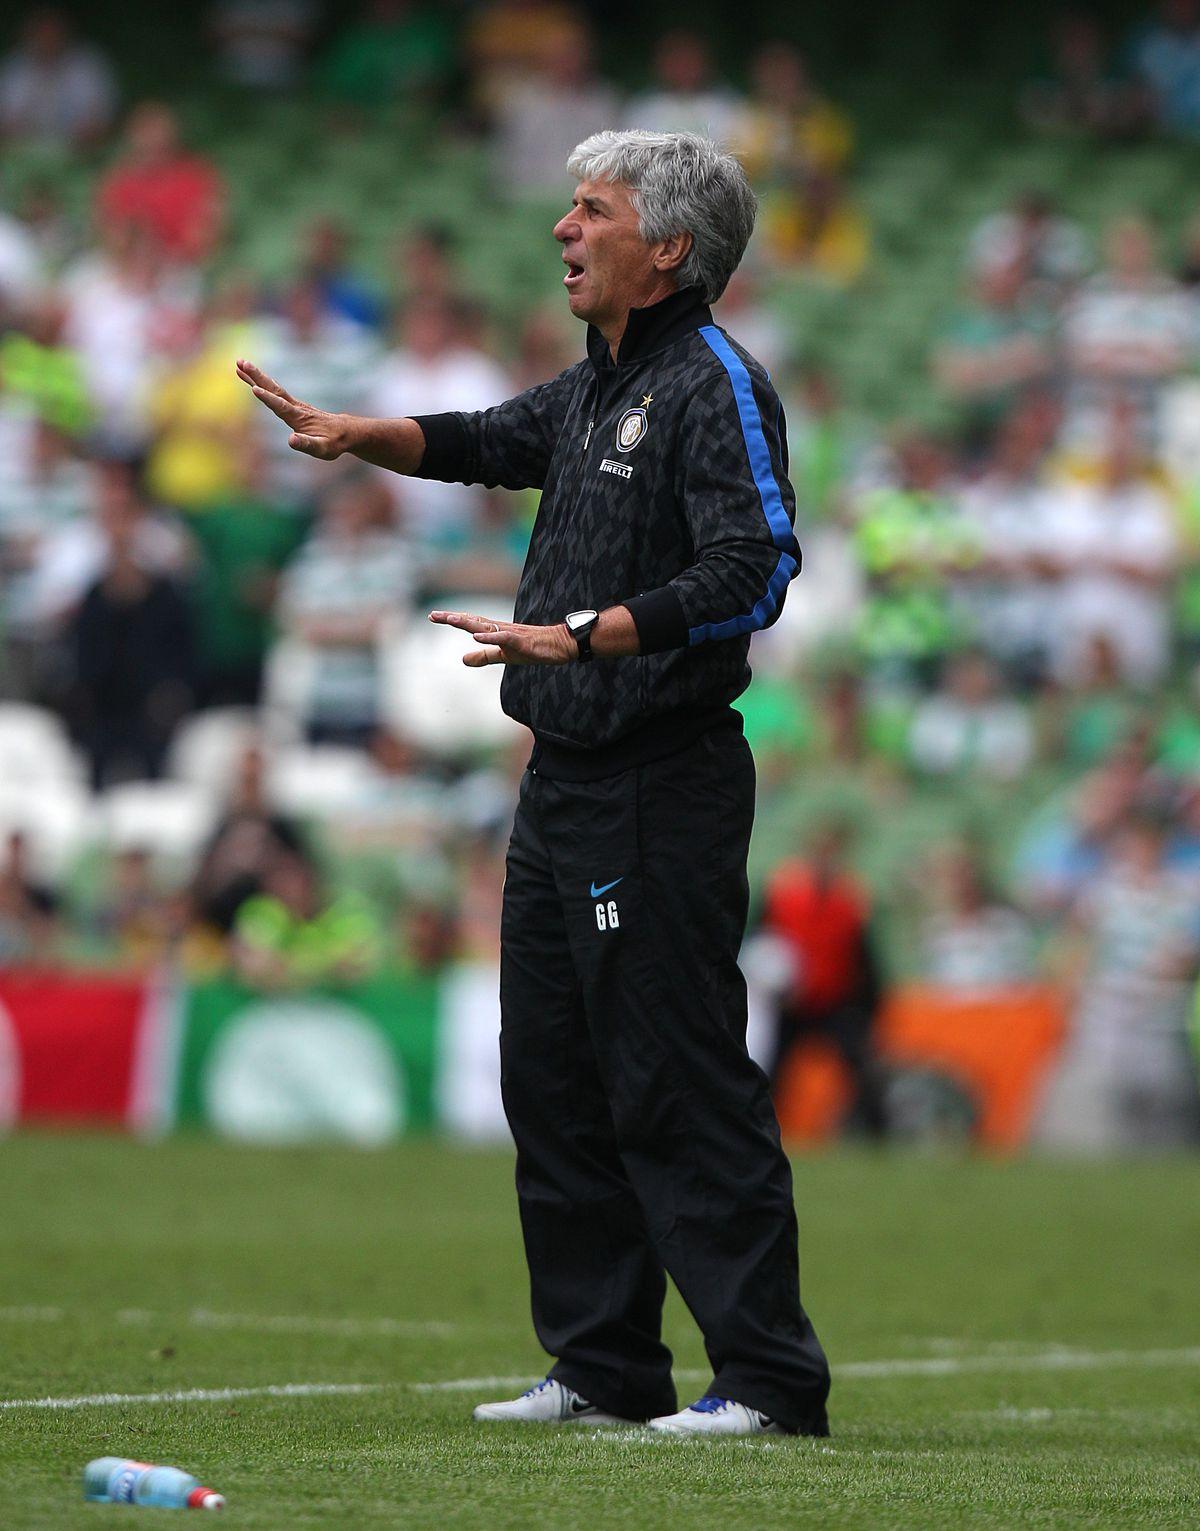 Soccer - Pre Season Friendly - The Dublin Super Cup - Inter Milan v Celtic - Aviva Stadium